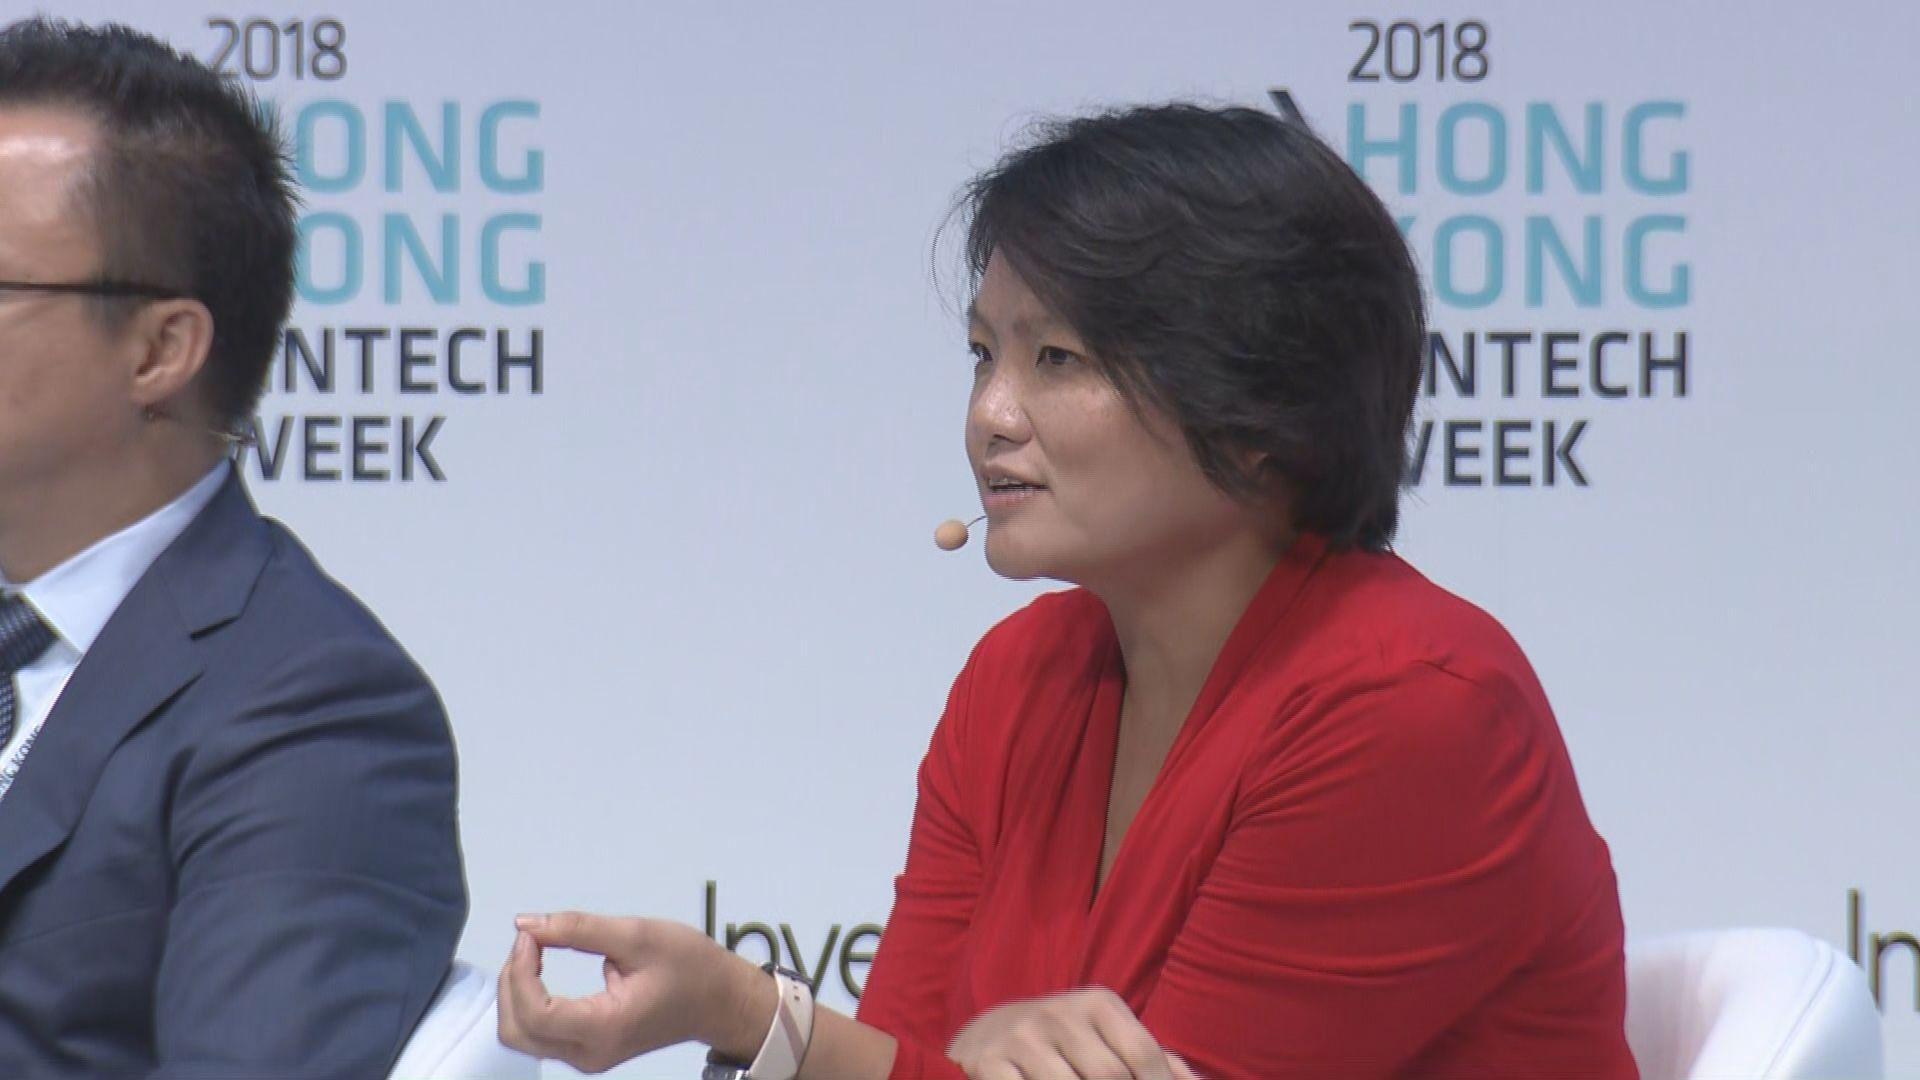 【客戶量大增】平保:FinTech需與日常生活連接